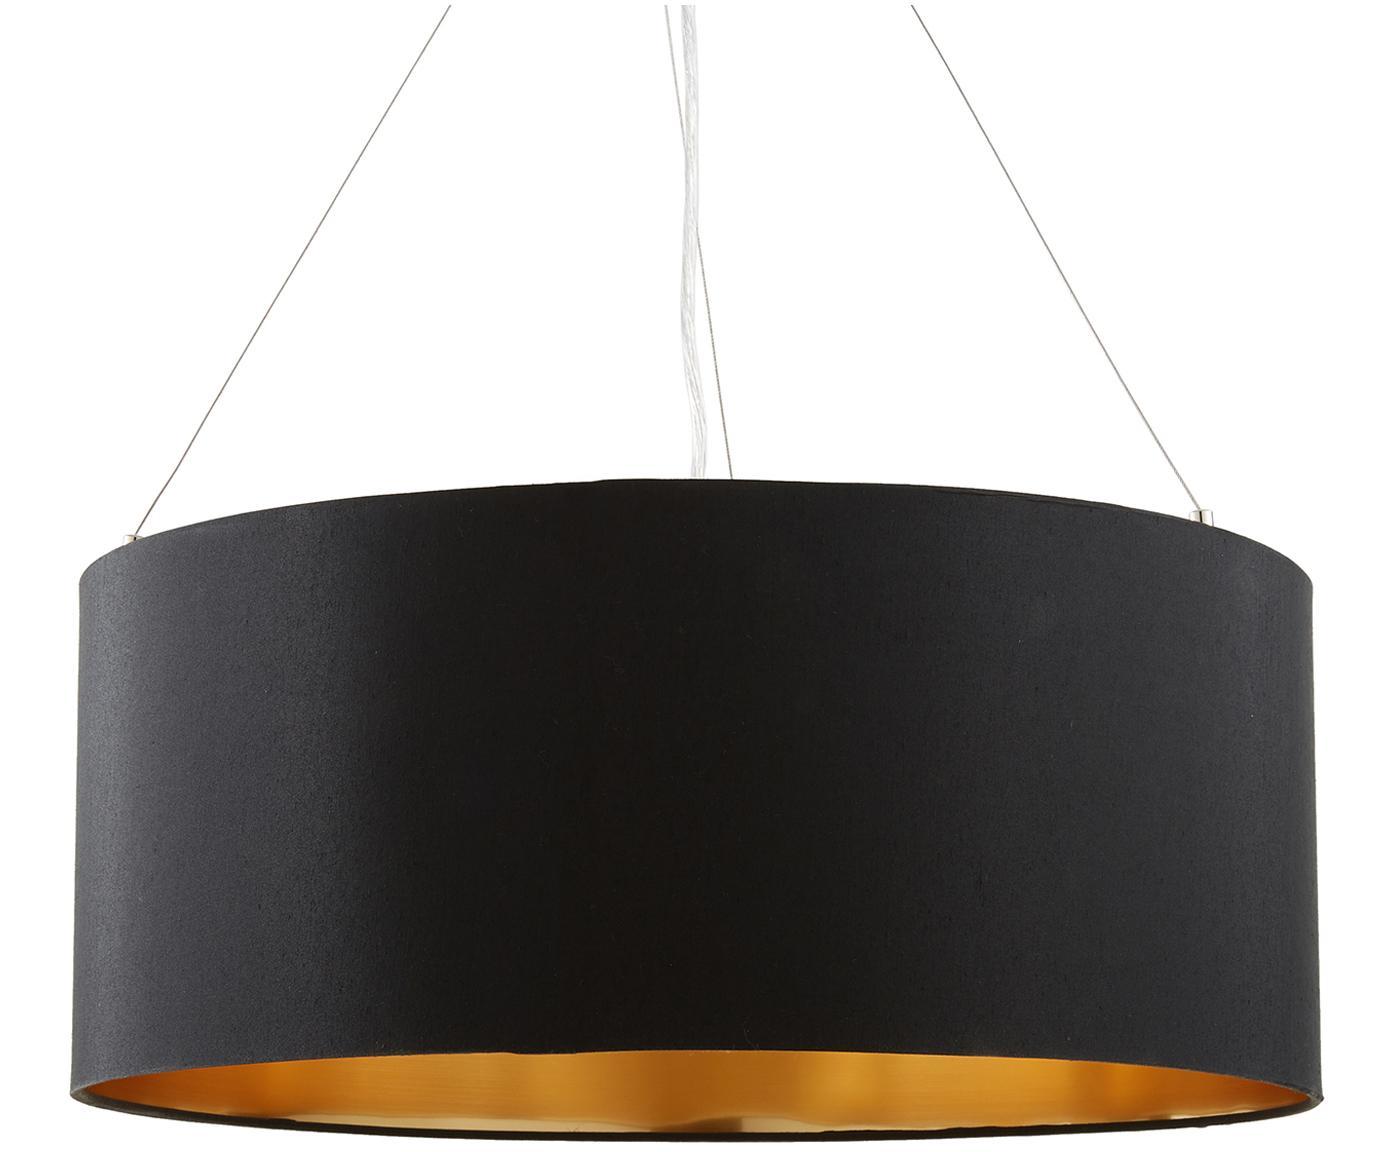 Lampa wisząca Jamie, Odcienie srebrnego, czarny, ∅ 53 x W 24 cm